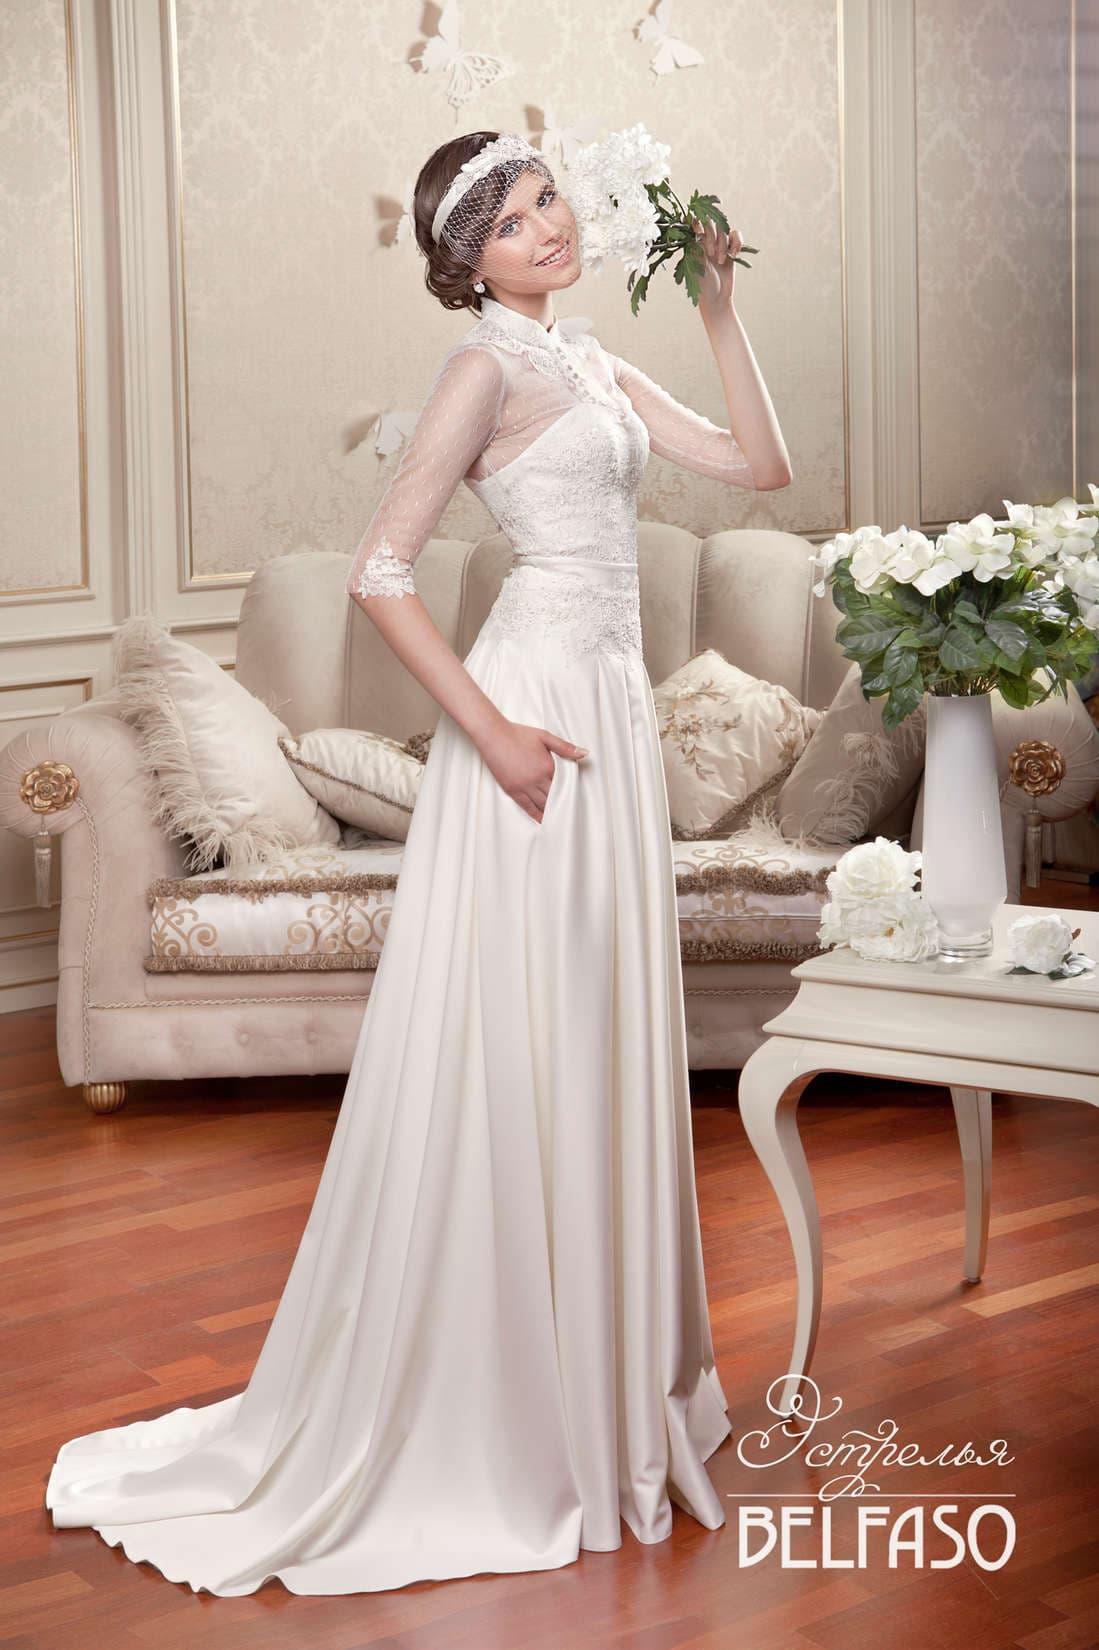 Как убрать длину на свадебном платье